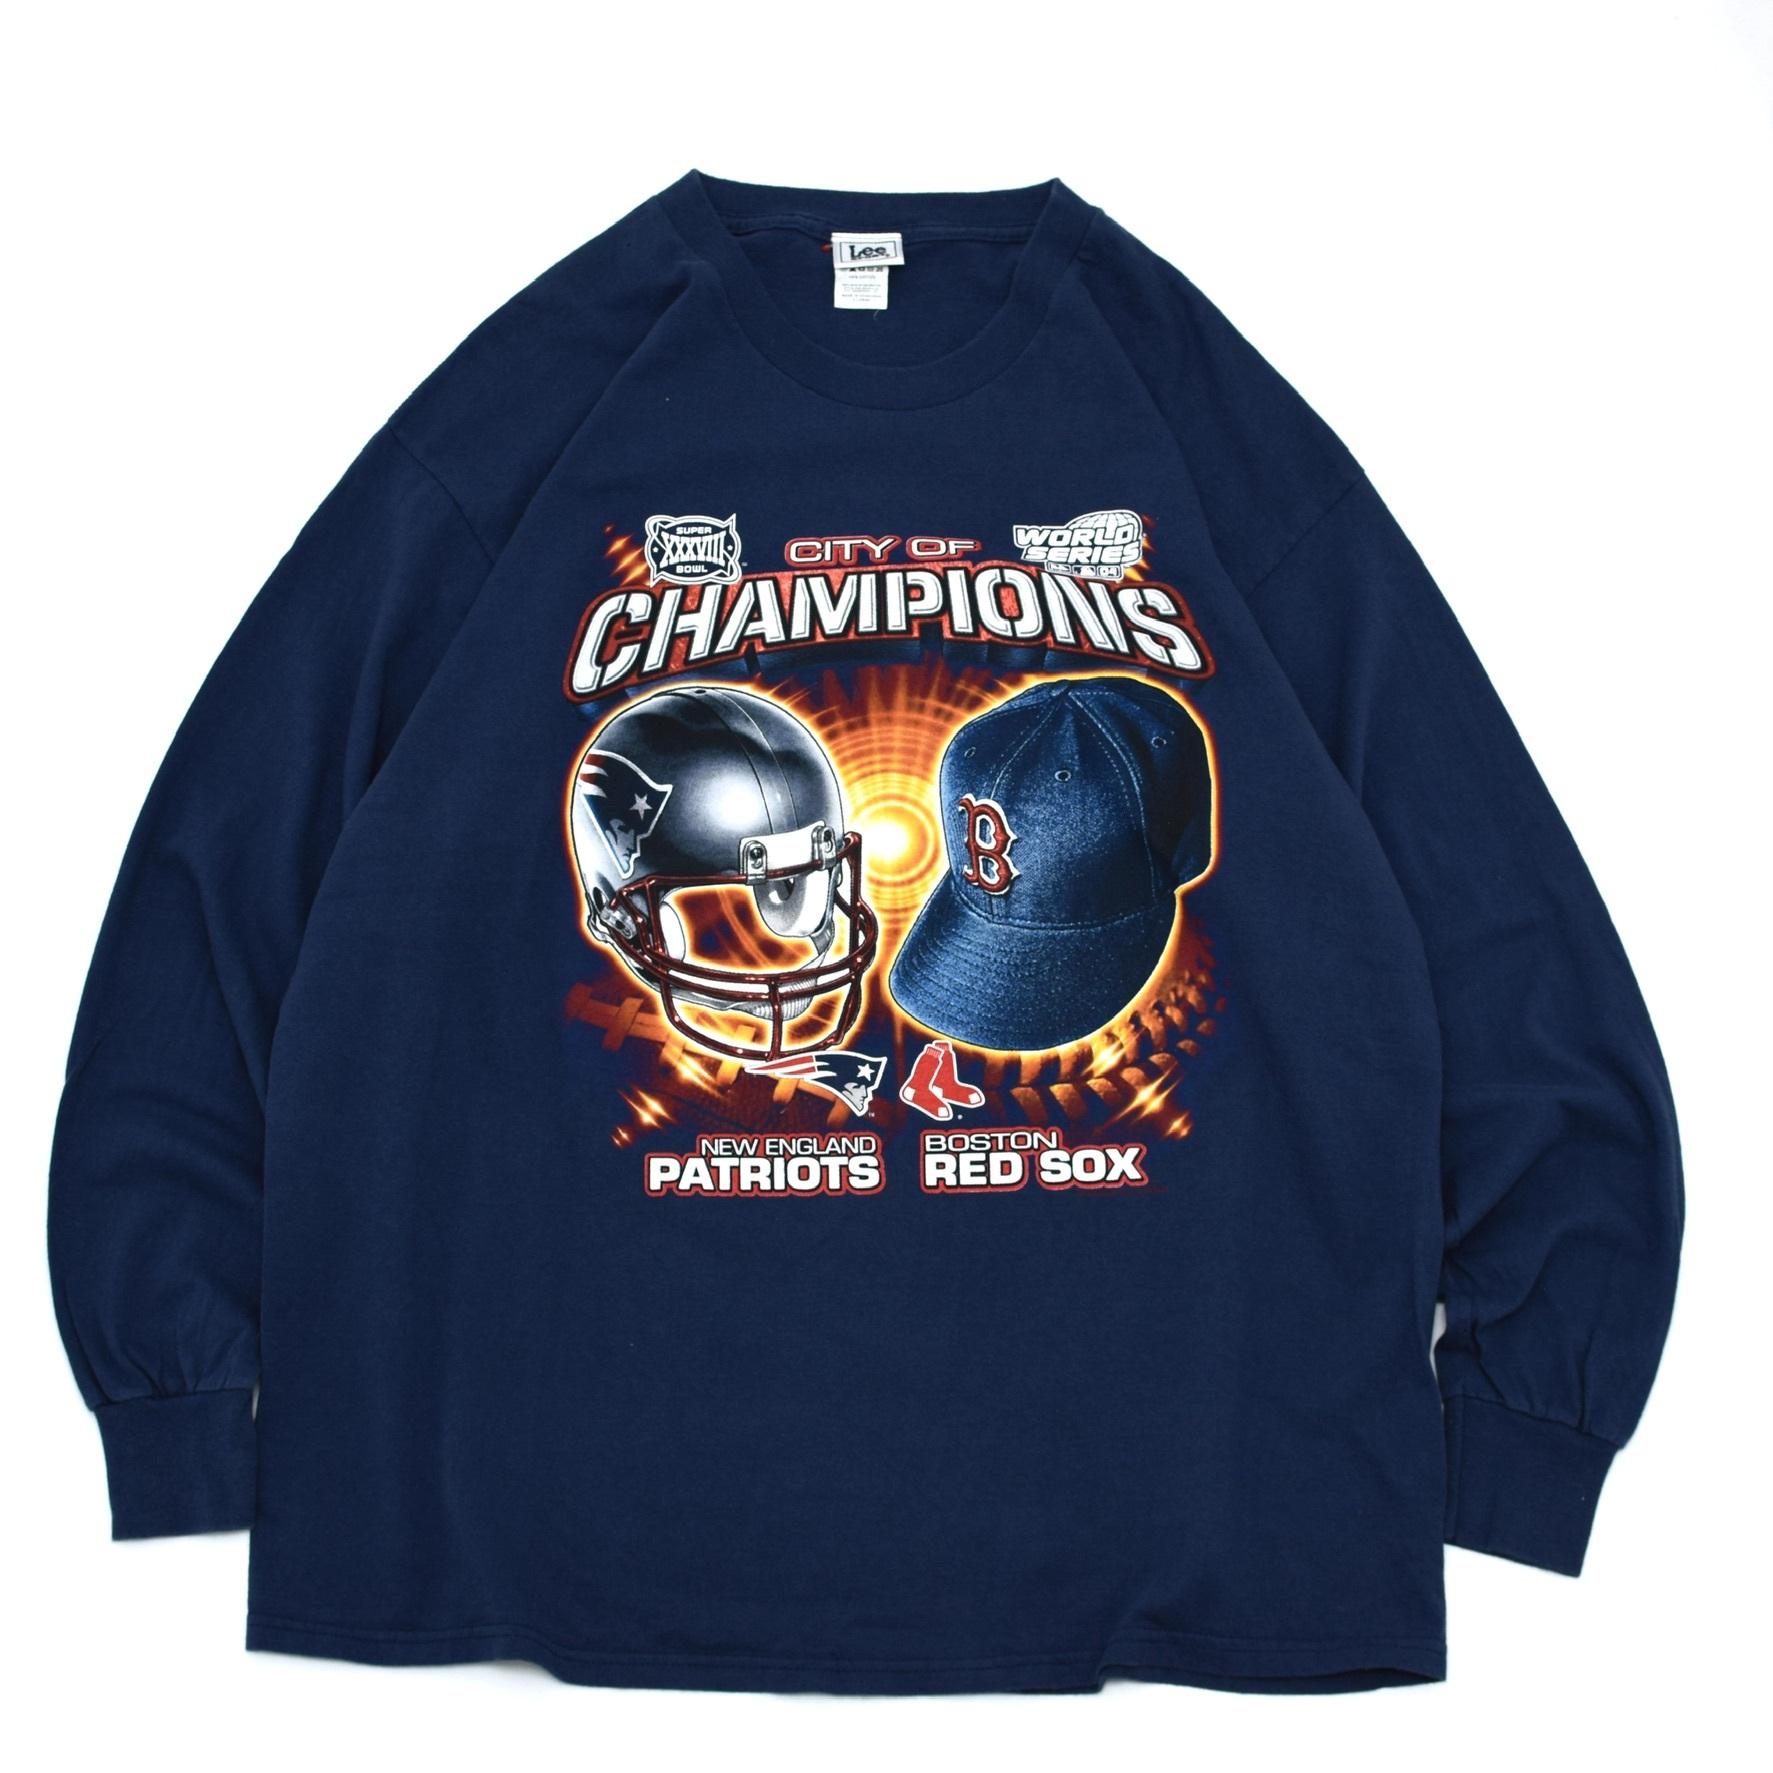 PATRIOTS & RED SOX champions LS T shirt